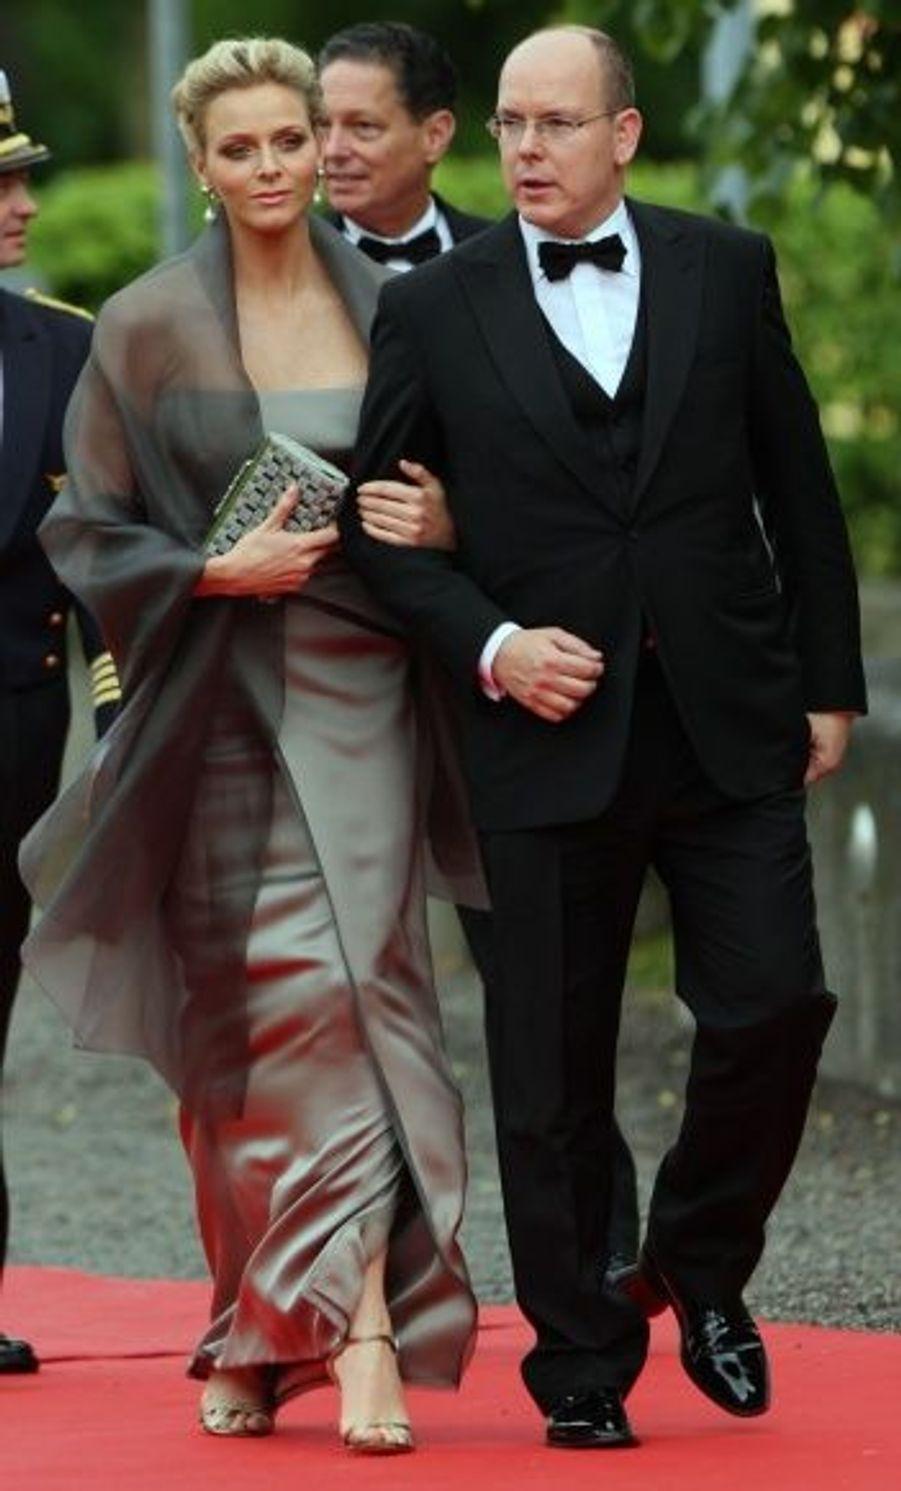 La veille du mariage de la princesse Victoria en juin 2010, le gouvernement suédois avait organisé un dîner de gala au Eric Ericson Hall. Pour sa première apparition depuis l'annonce de ses fiançailles avec le fils du prince Rainier III de Monaco, l'ancienne nageuse portait une robe taupe satinée, sobre et élégante.